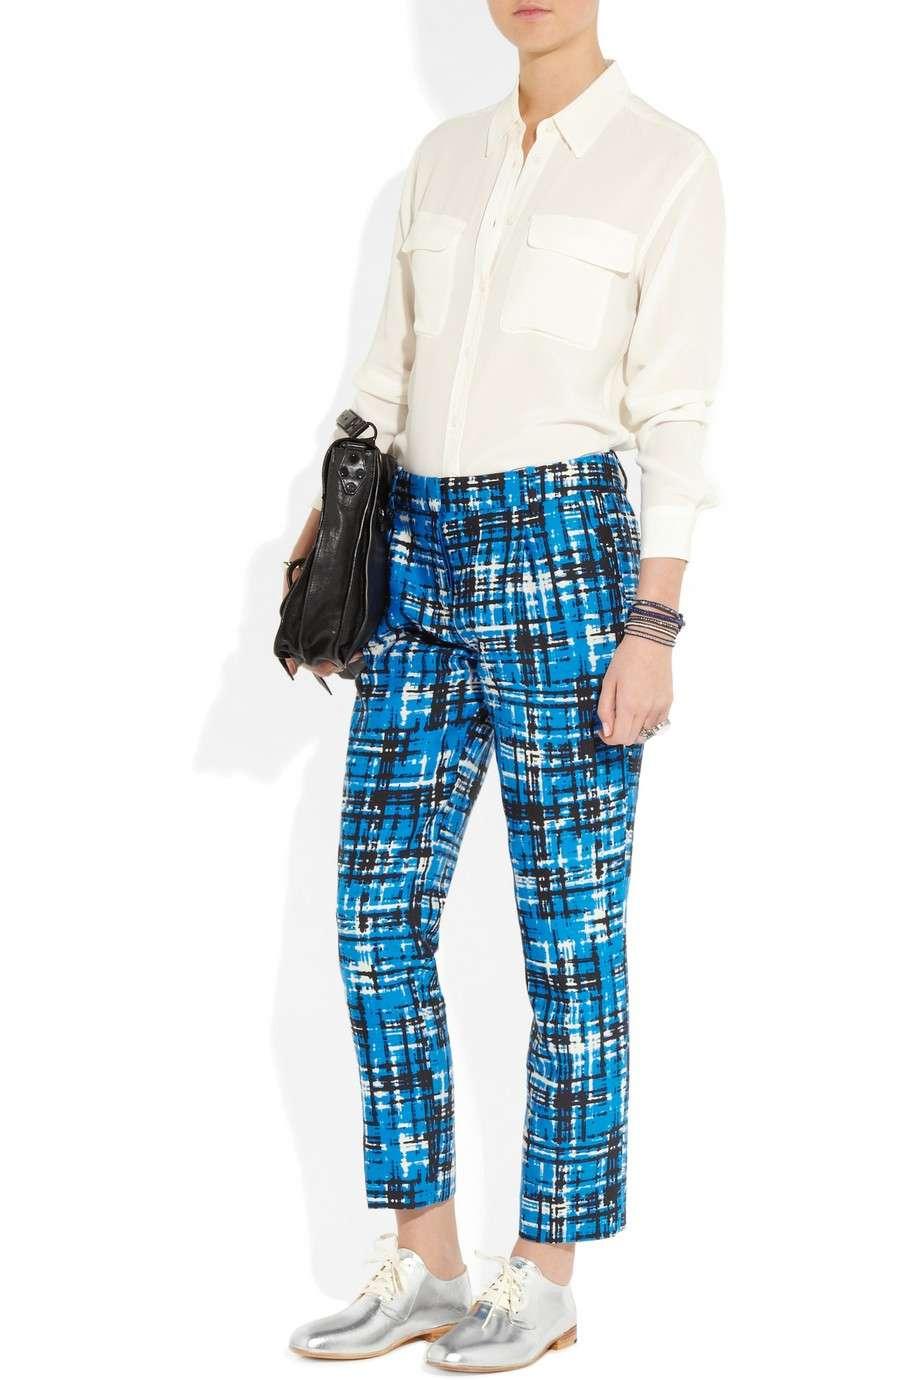 Francesine e pantaloni colorati